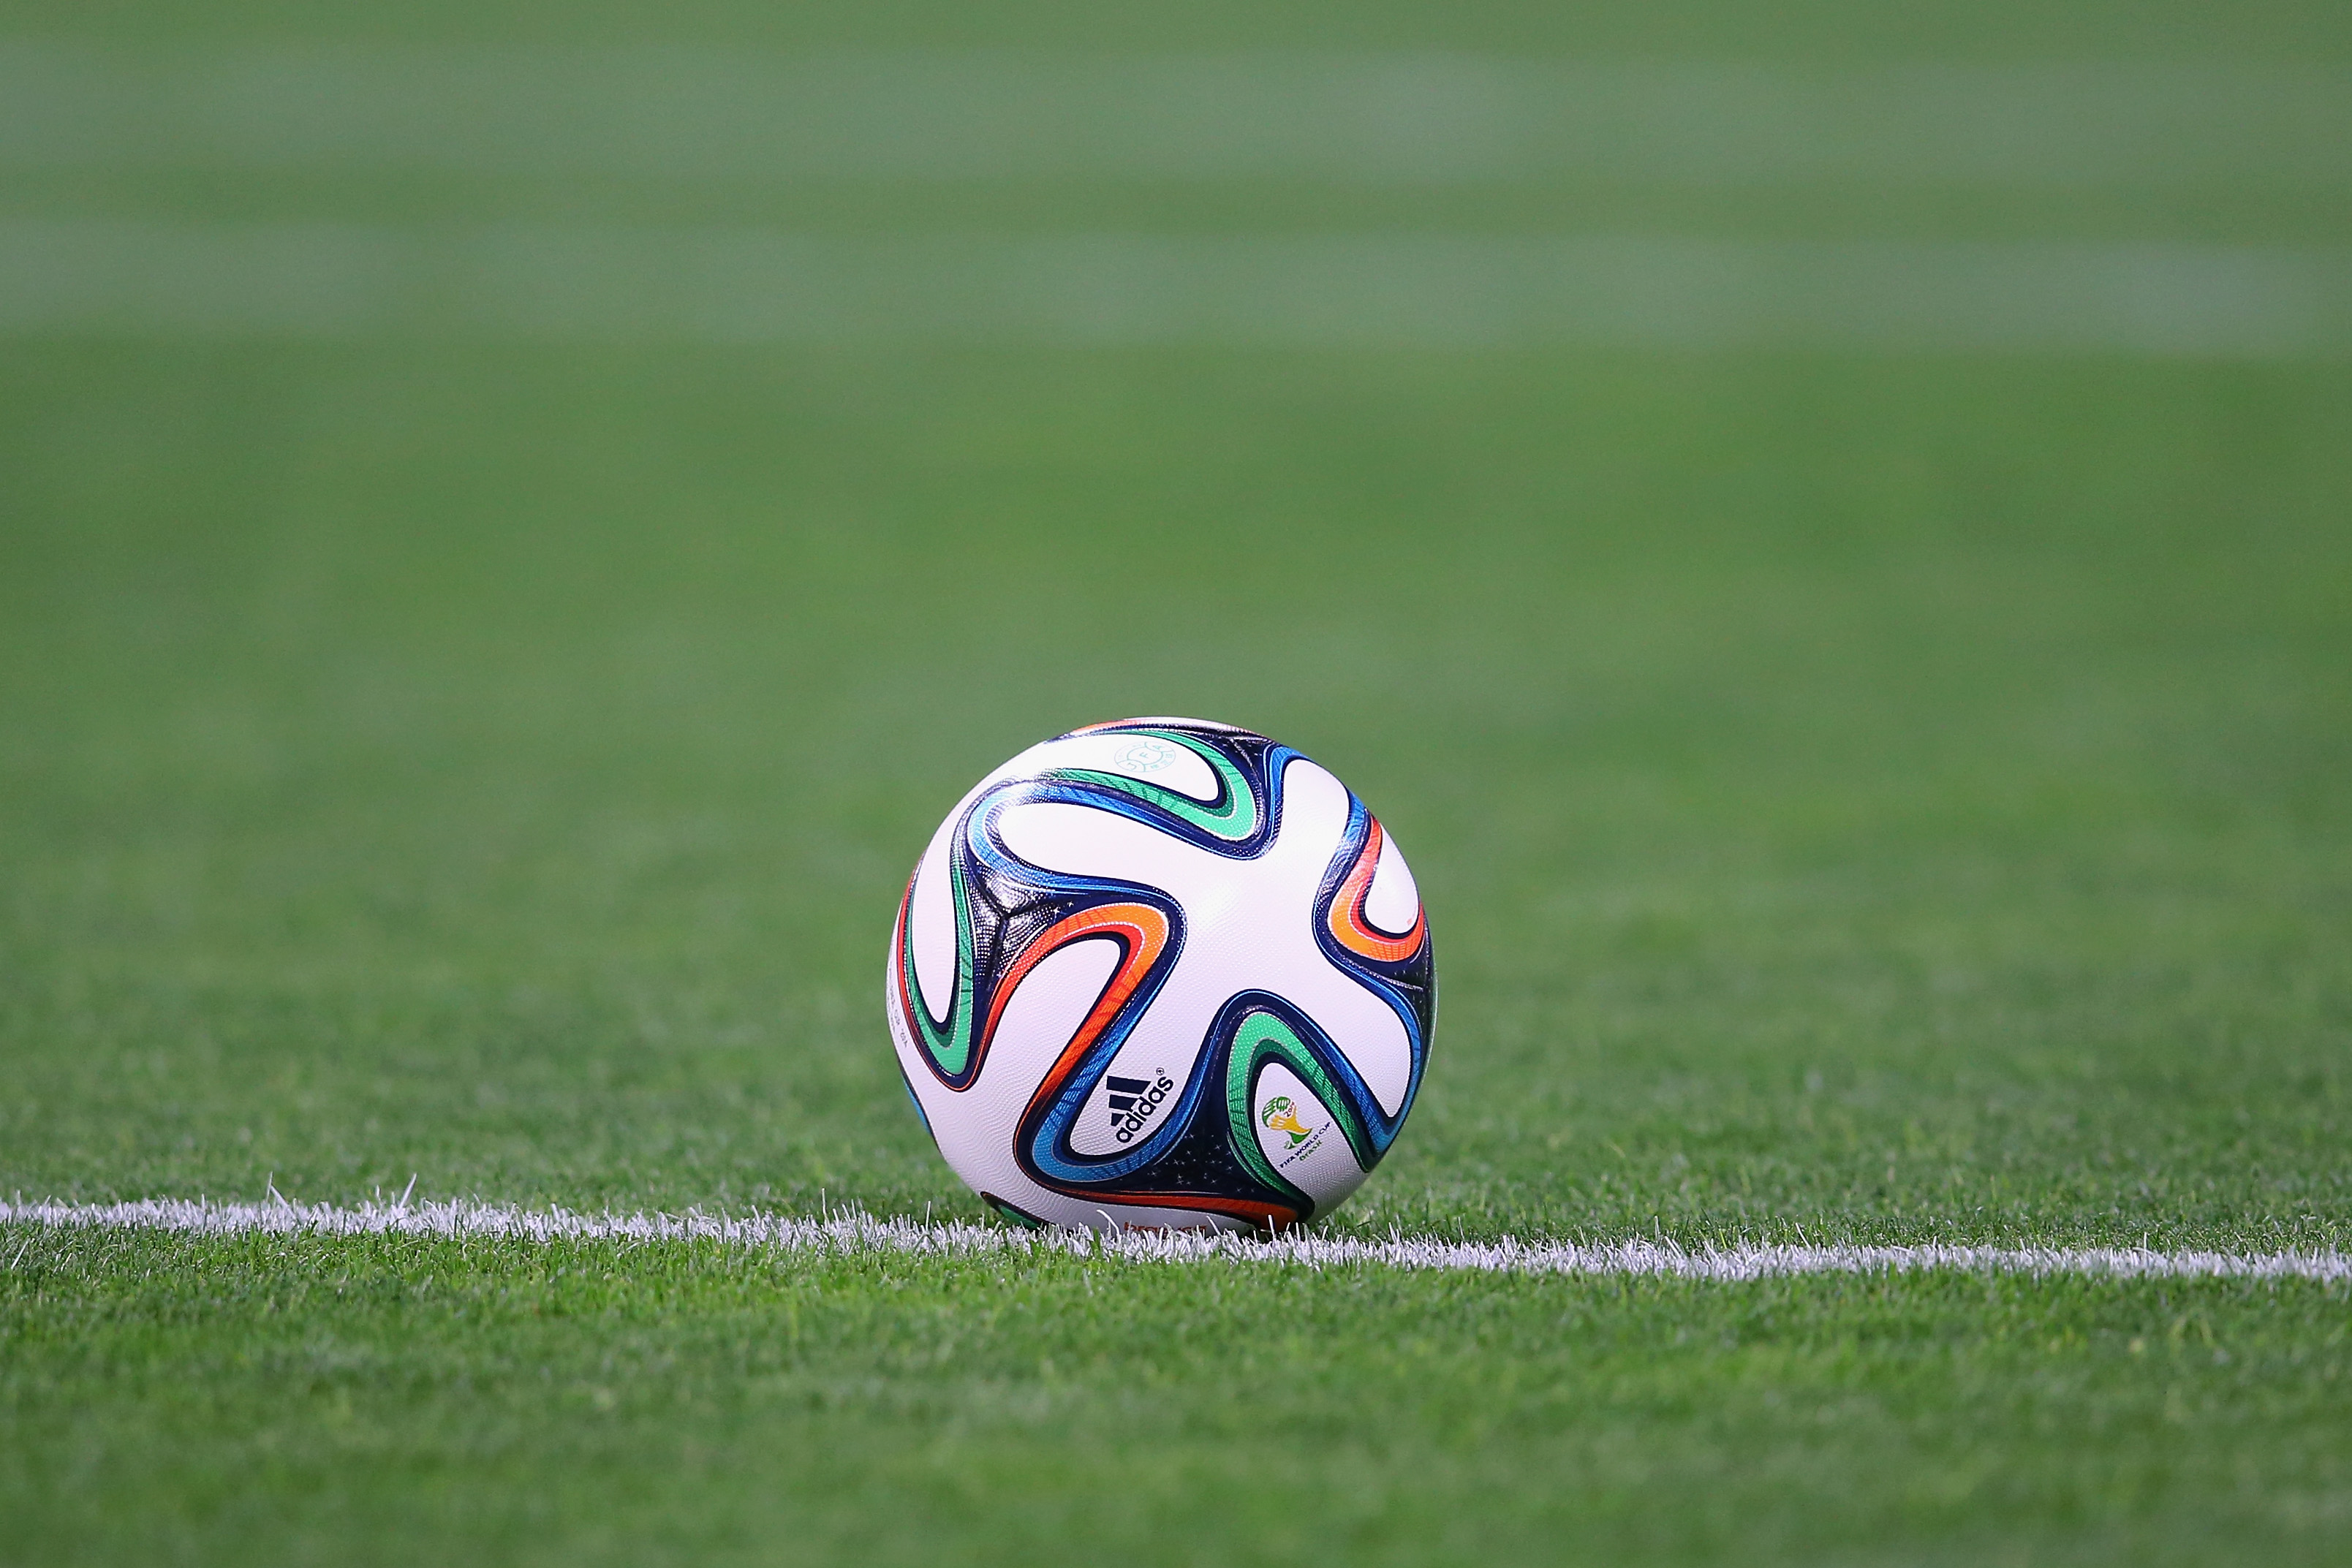 Spiel um Platz 3: Warum tut man der Fußball-WM das an?